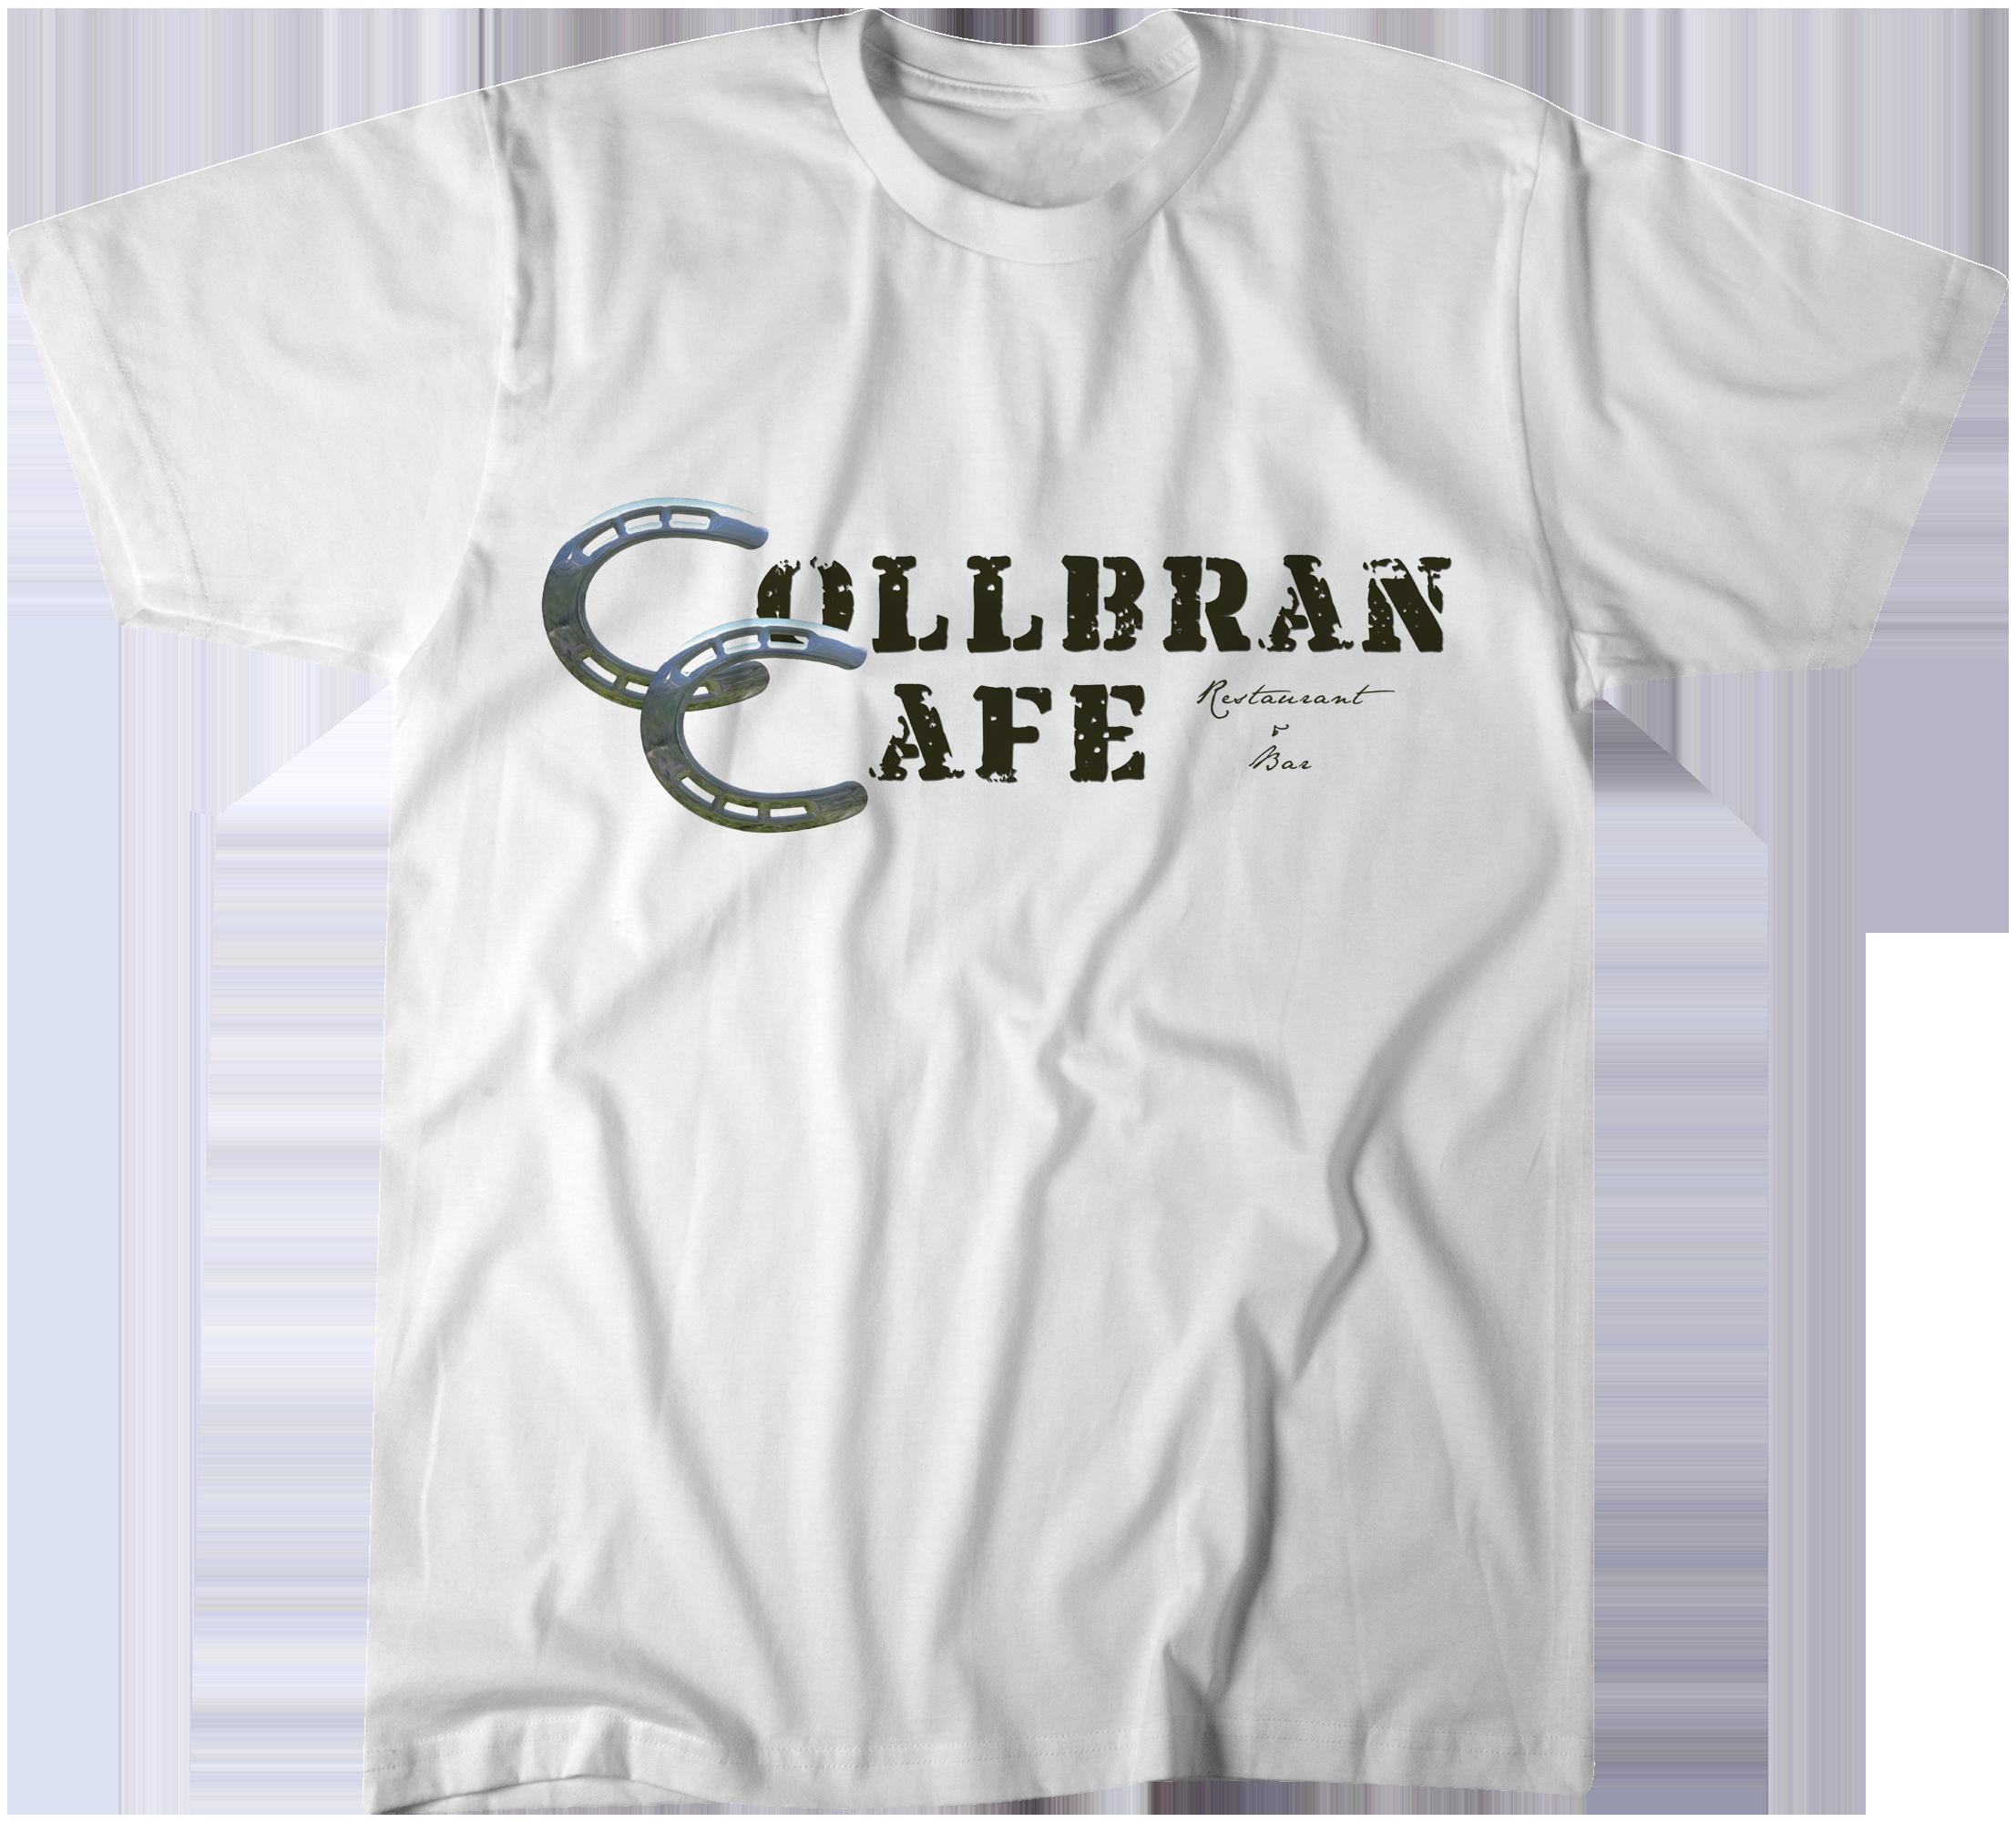 Colbran white.png